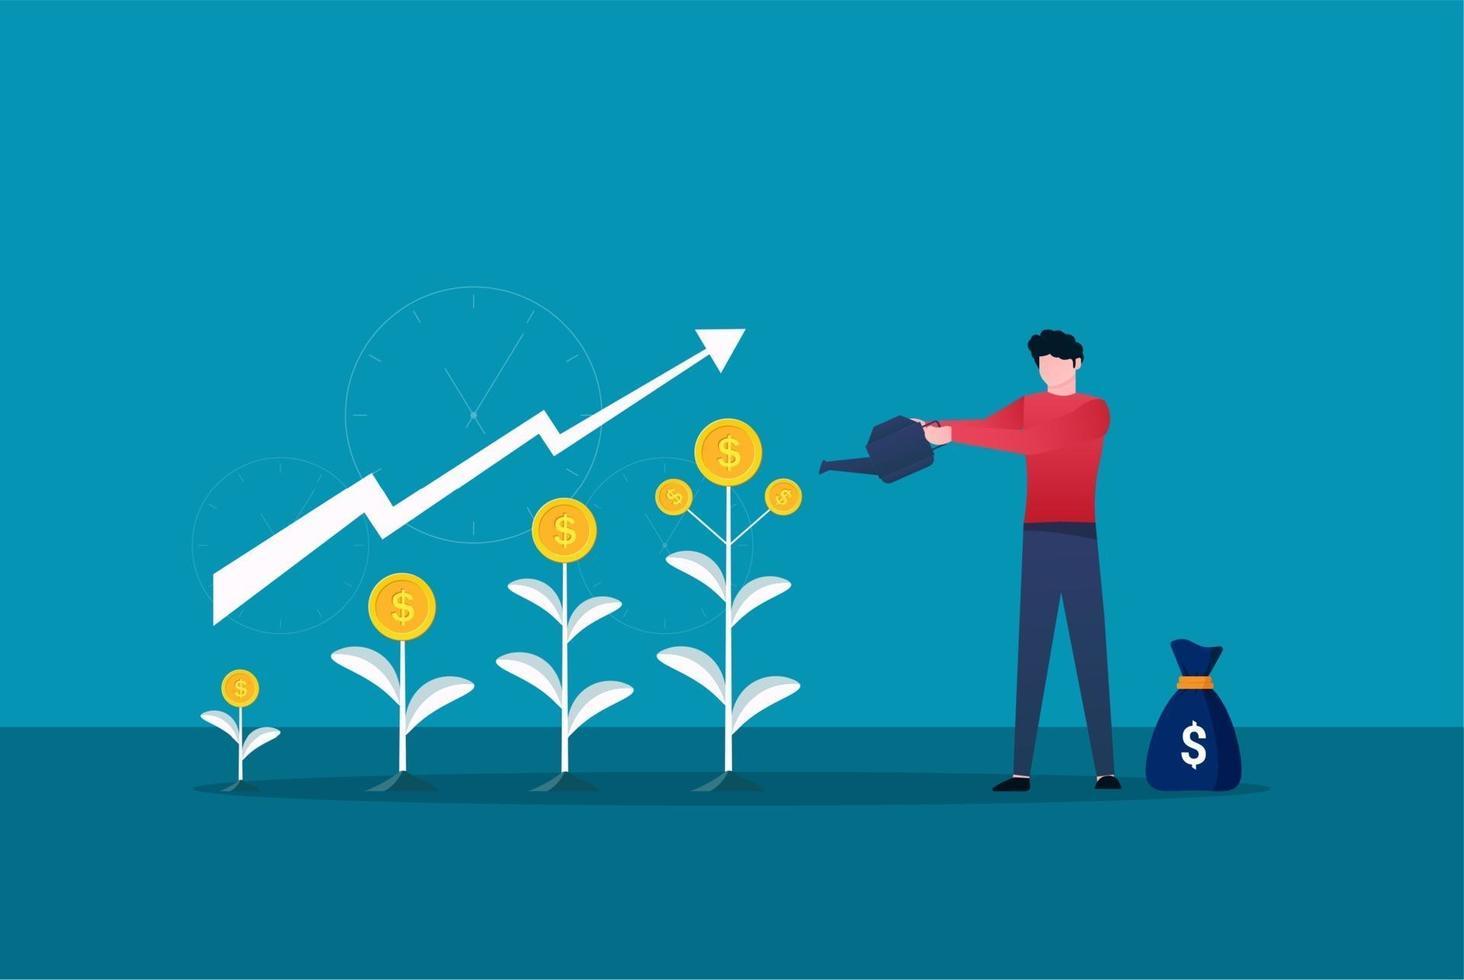 homme d'affaires arrose l'arbre d'argent grandir. illustration vectorielle de profit financier croissance. retour sur investissement avec symbole de flèche vecteur